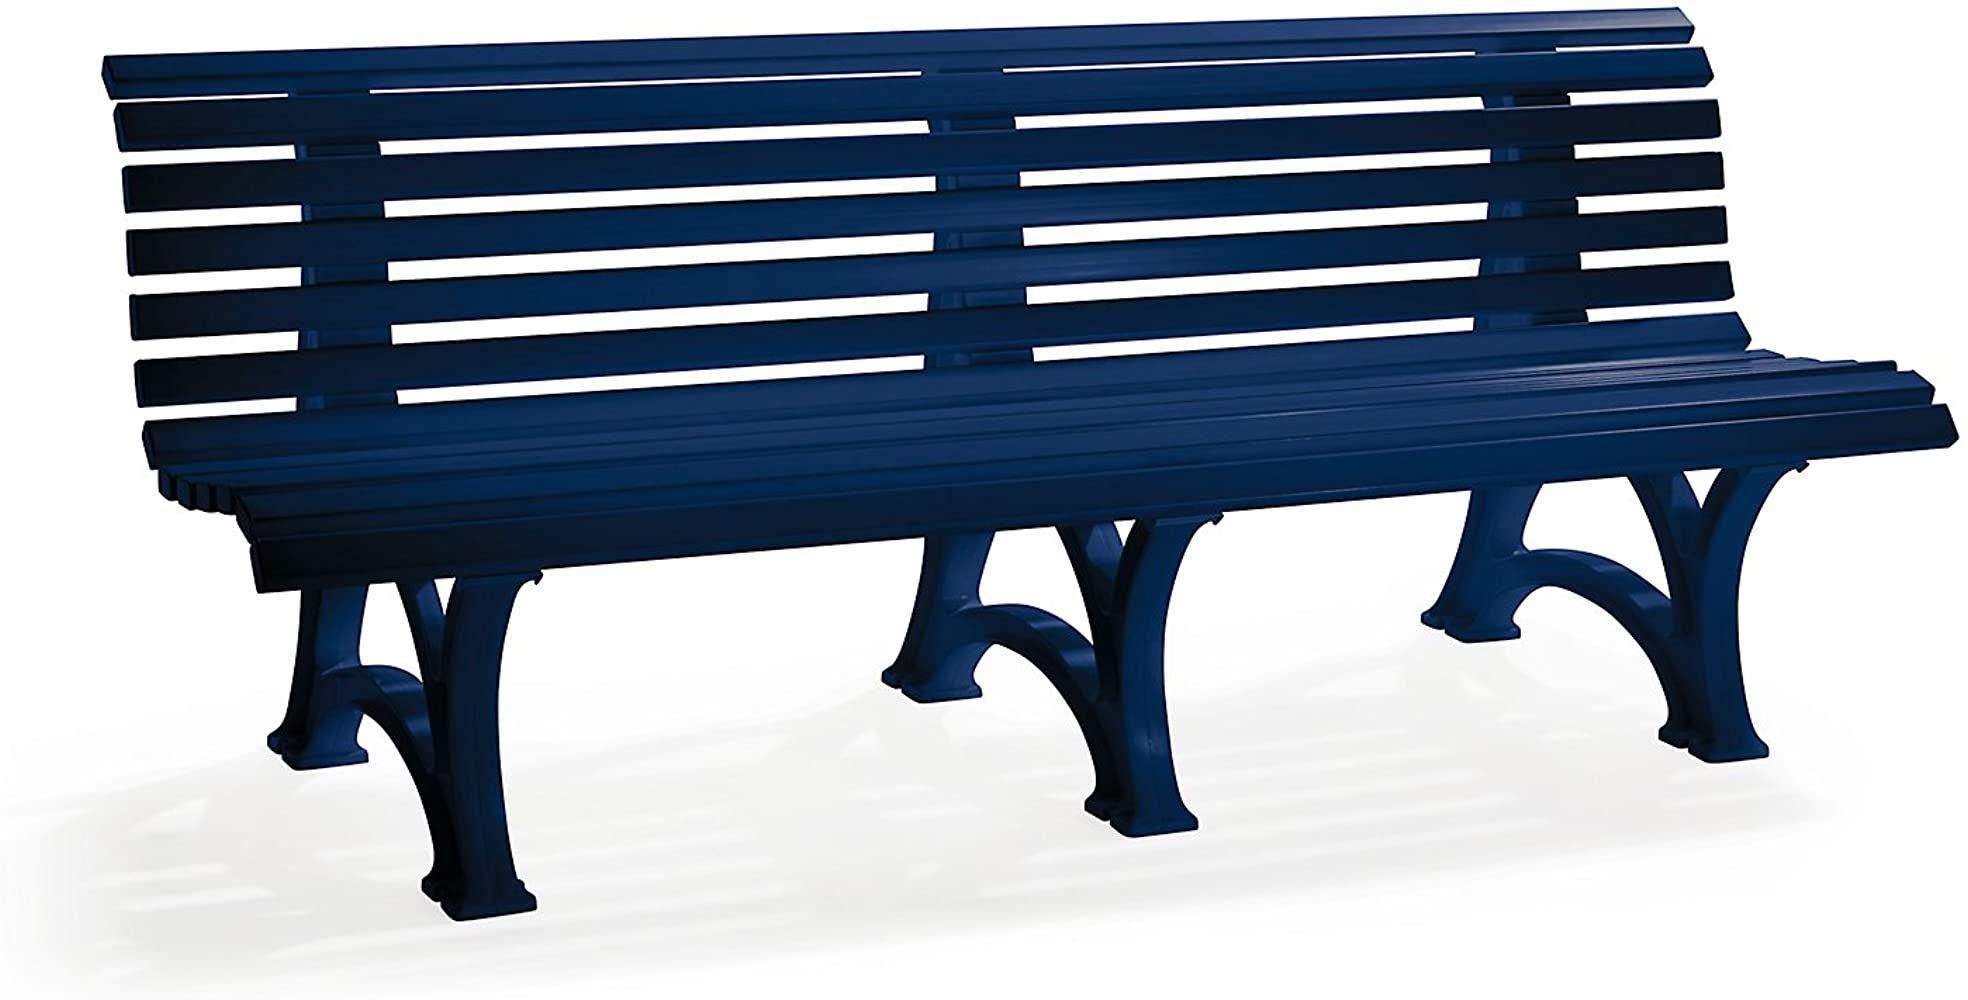 Blome Parkbank Aus Kunststoff Mit 13 Leisten Breite 2000 Mm Stahlblau Bank Gartenbank Kunststoff Bank Kunststoff Banke Ruhebank Gartenbank Stahl Sachen